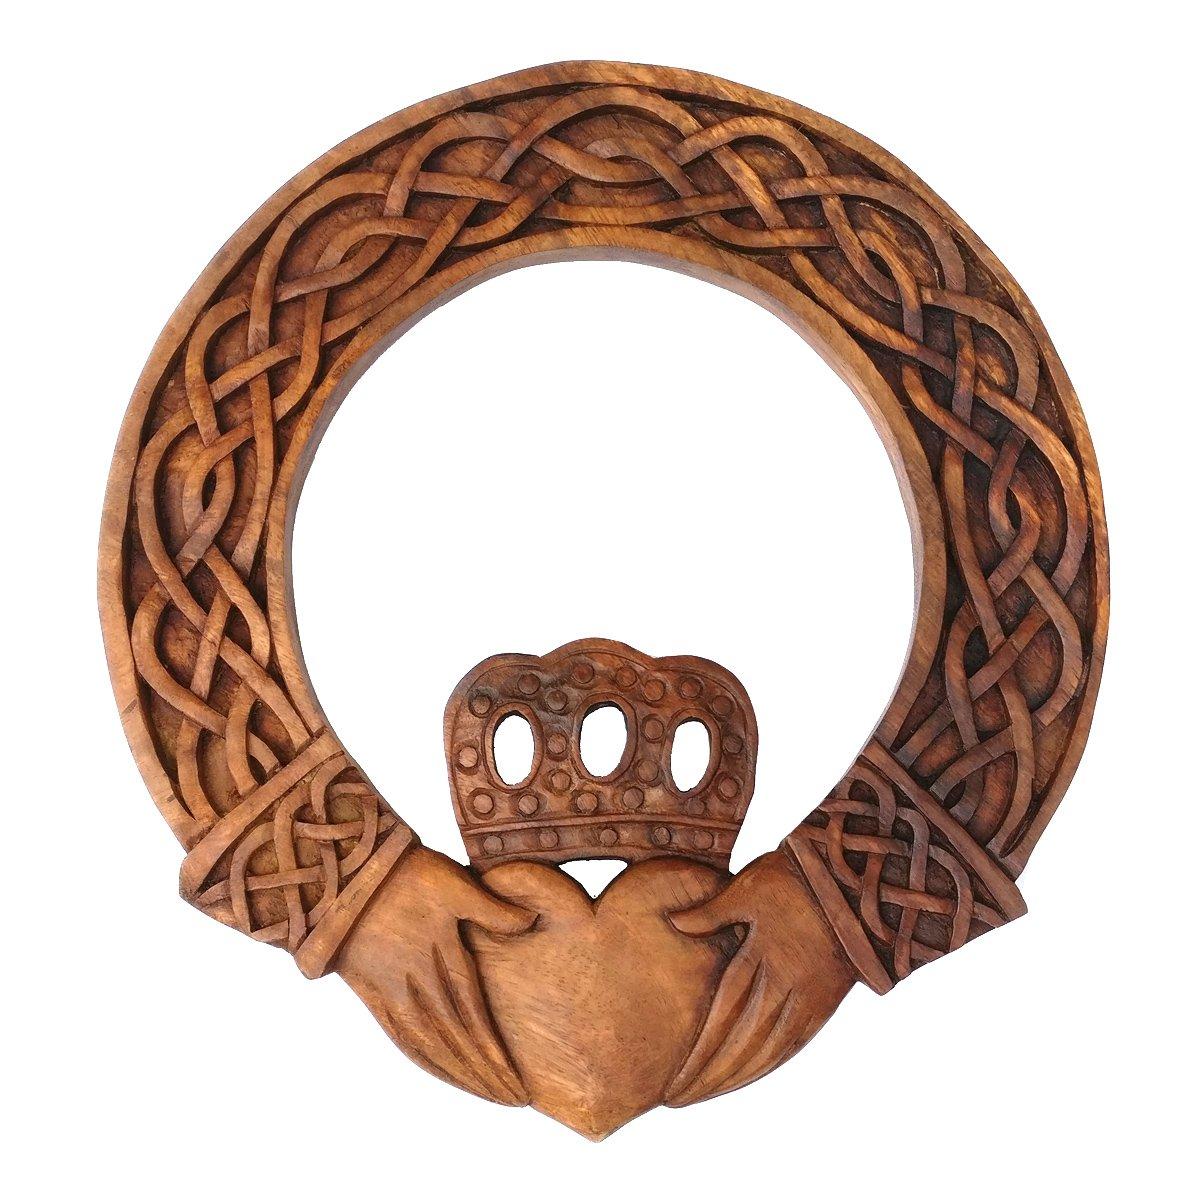 Irische Deko Wandbild Claddagh Freundschaft Handarbeit aus Holz